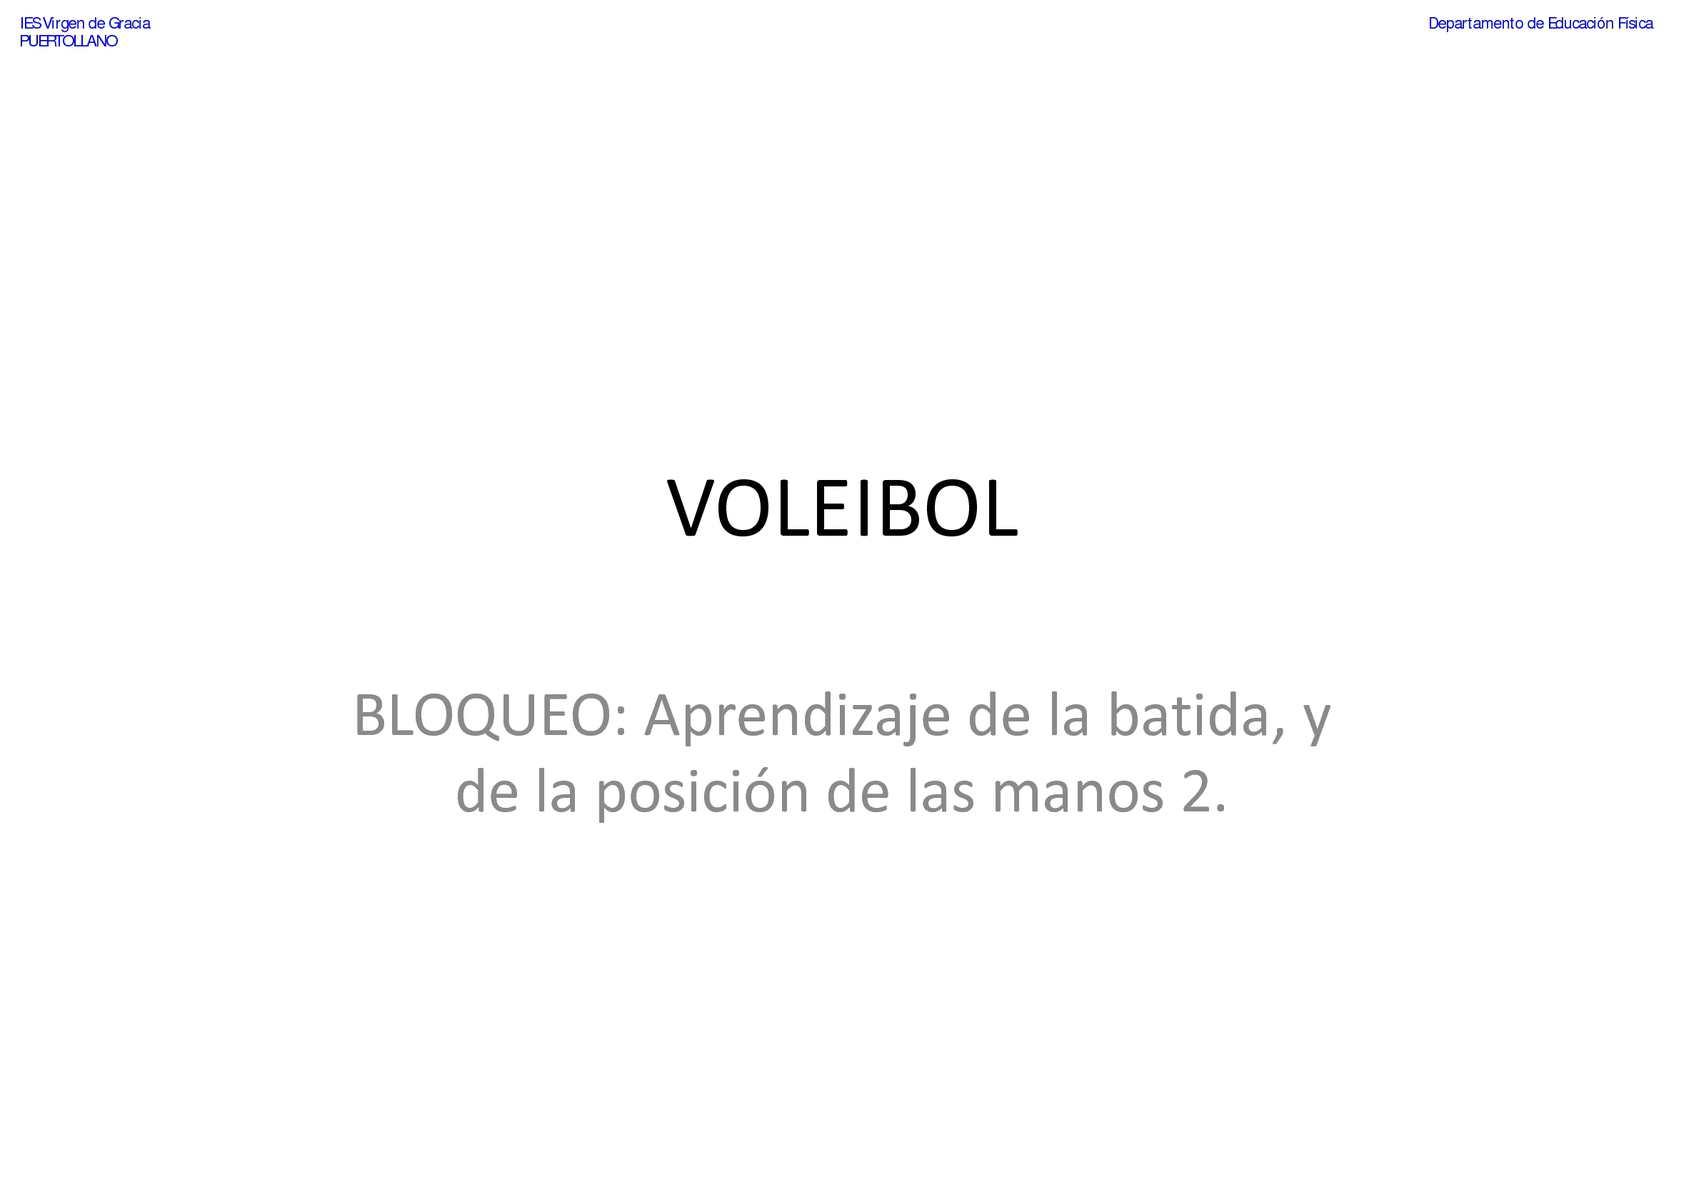 VOLEIBOL-Bloqueo-Aprendizaje de la batida y de la posición de las manos